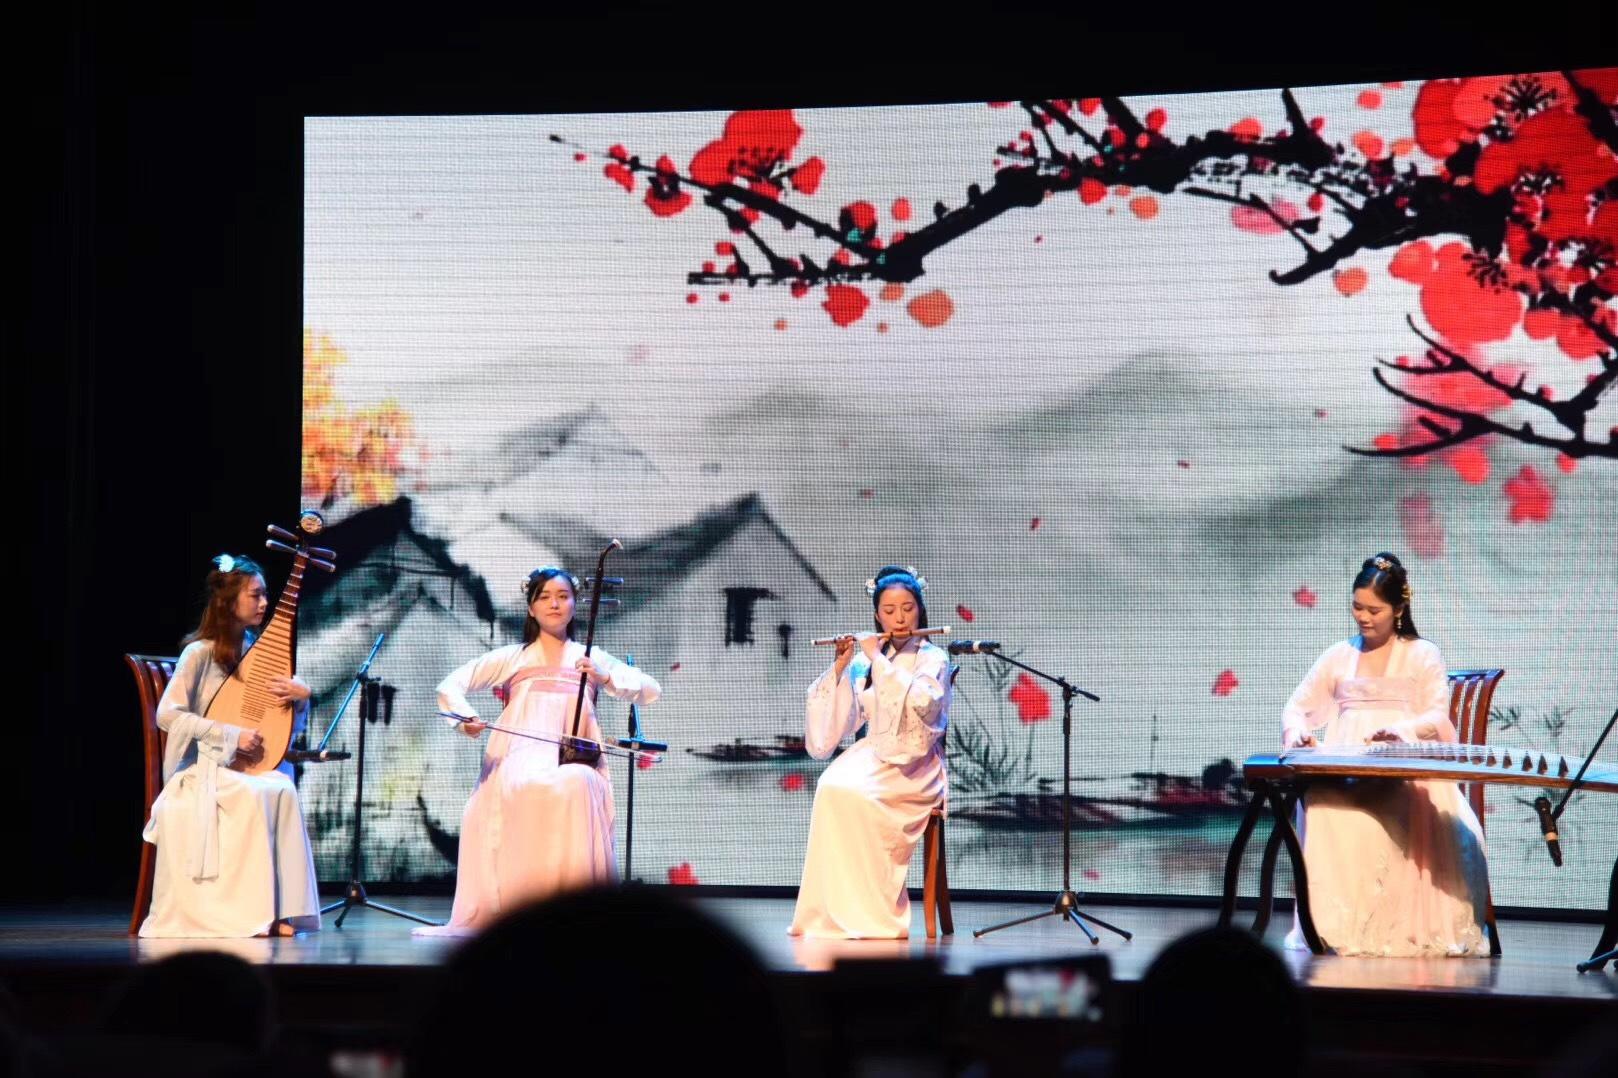 年会演出乐器四重奏,古筝,琵琶,笛子,二胡结合名族舞优美